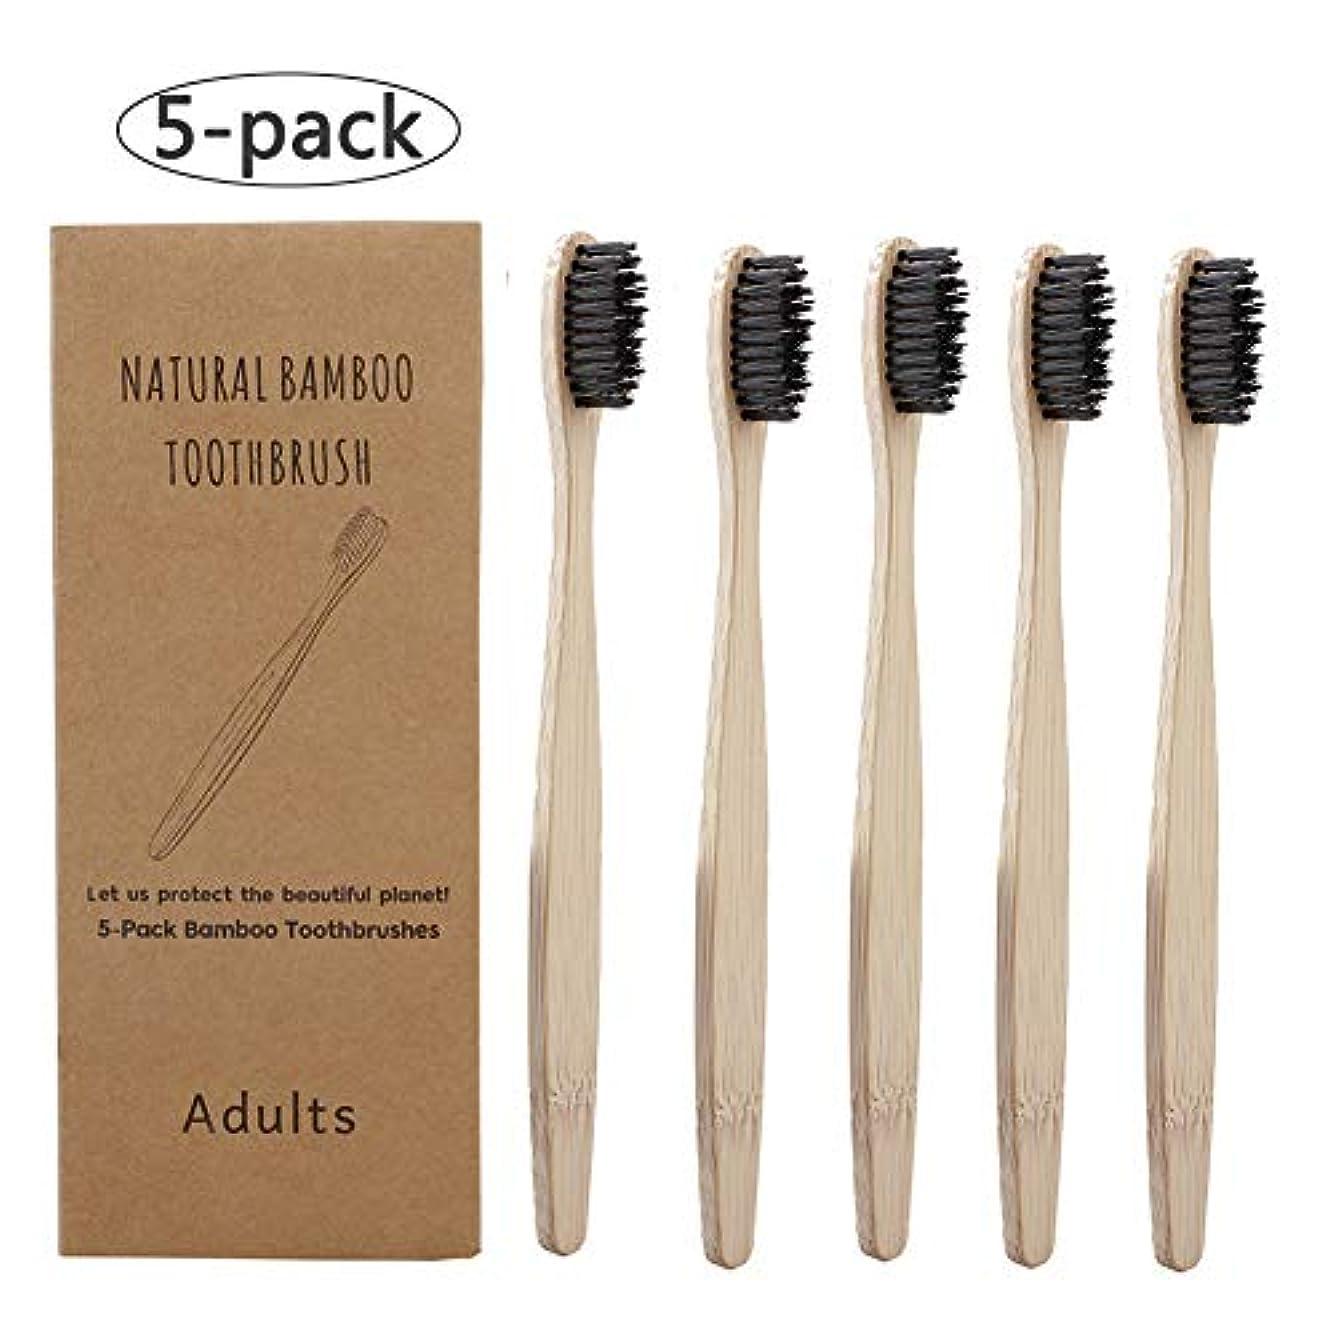 量でこどもセンター布Doo 5pcs 竹の歯ブラシ 大人用 柔らかい剛毛 家族パック 環境保護 自然竹ハンドル 軟毛歯ブラシ 口腔ケア ブラック